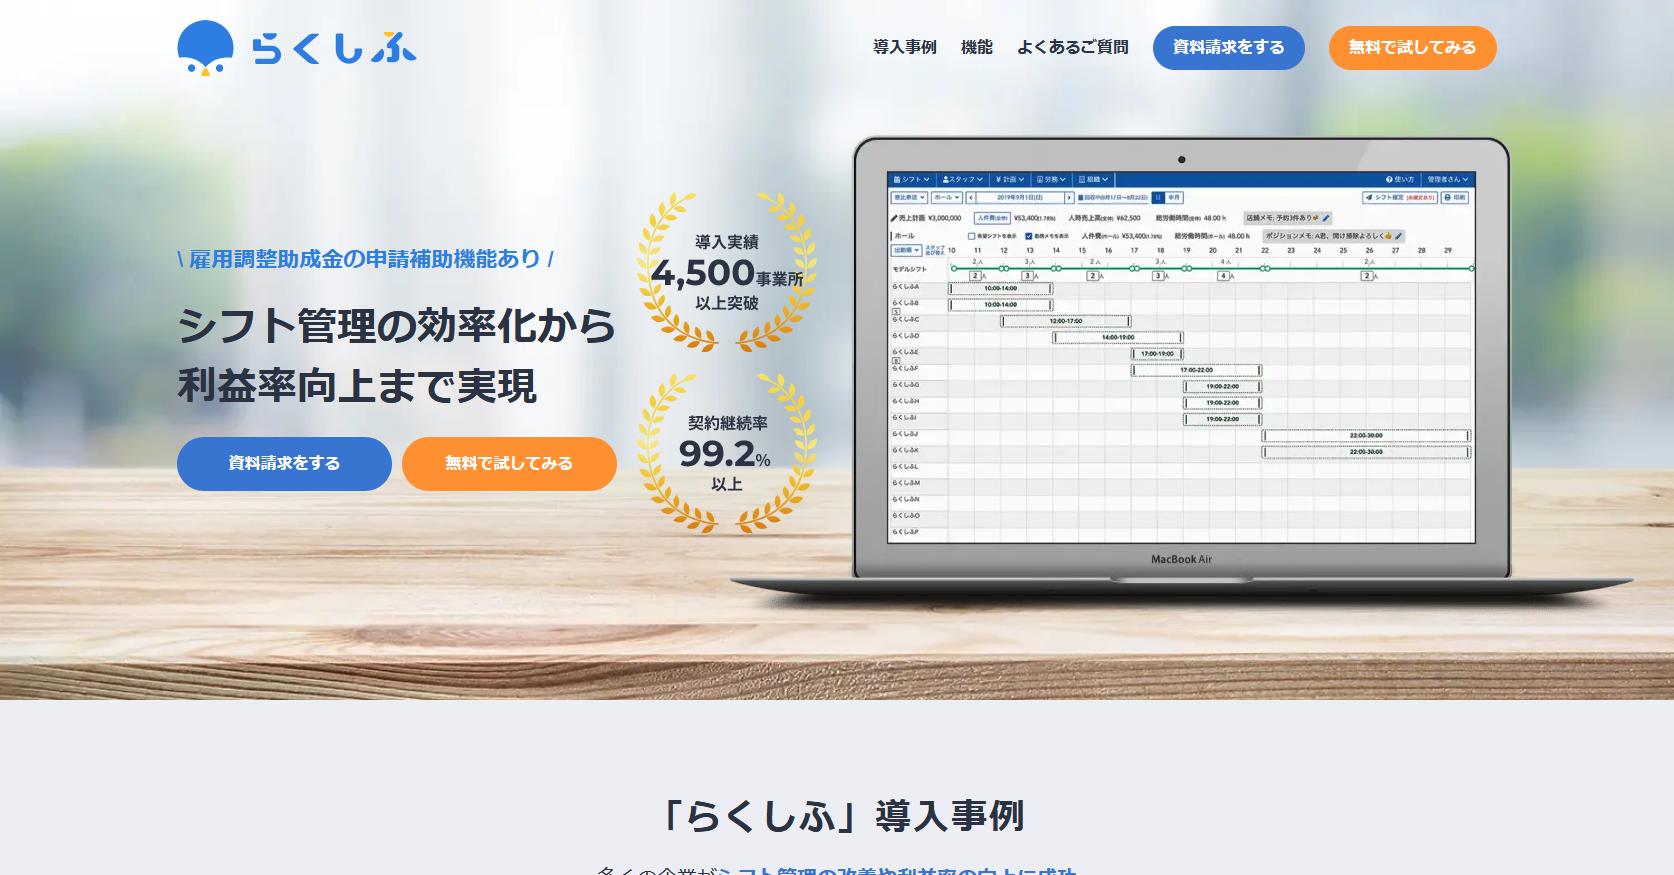 らくしふ - LINEを活用したシフト管理サービス